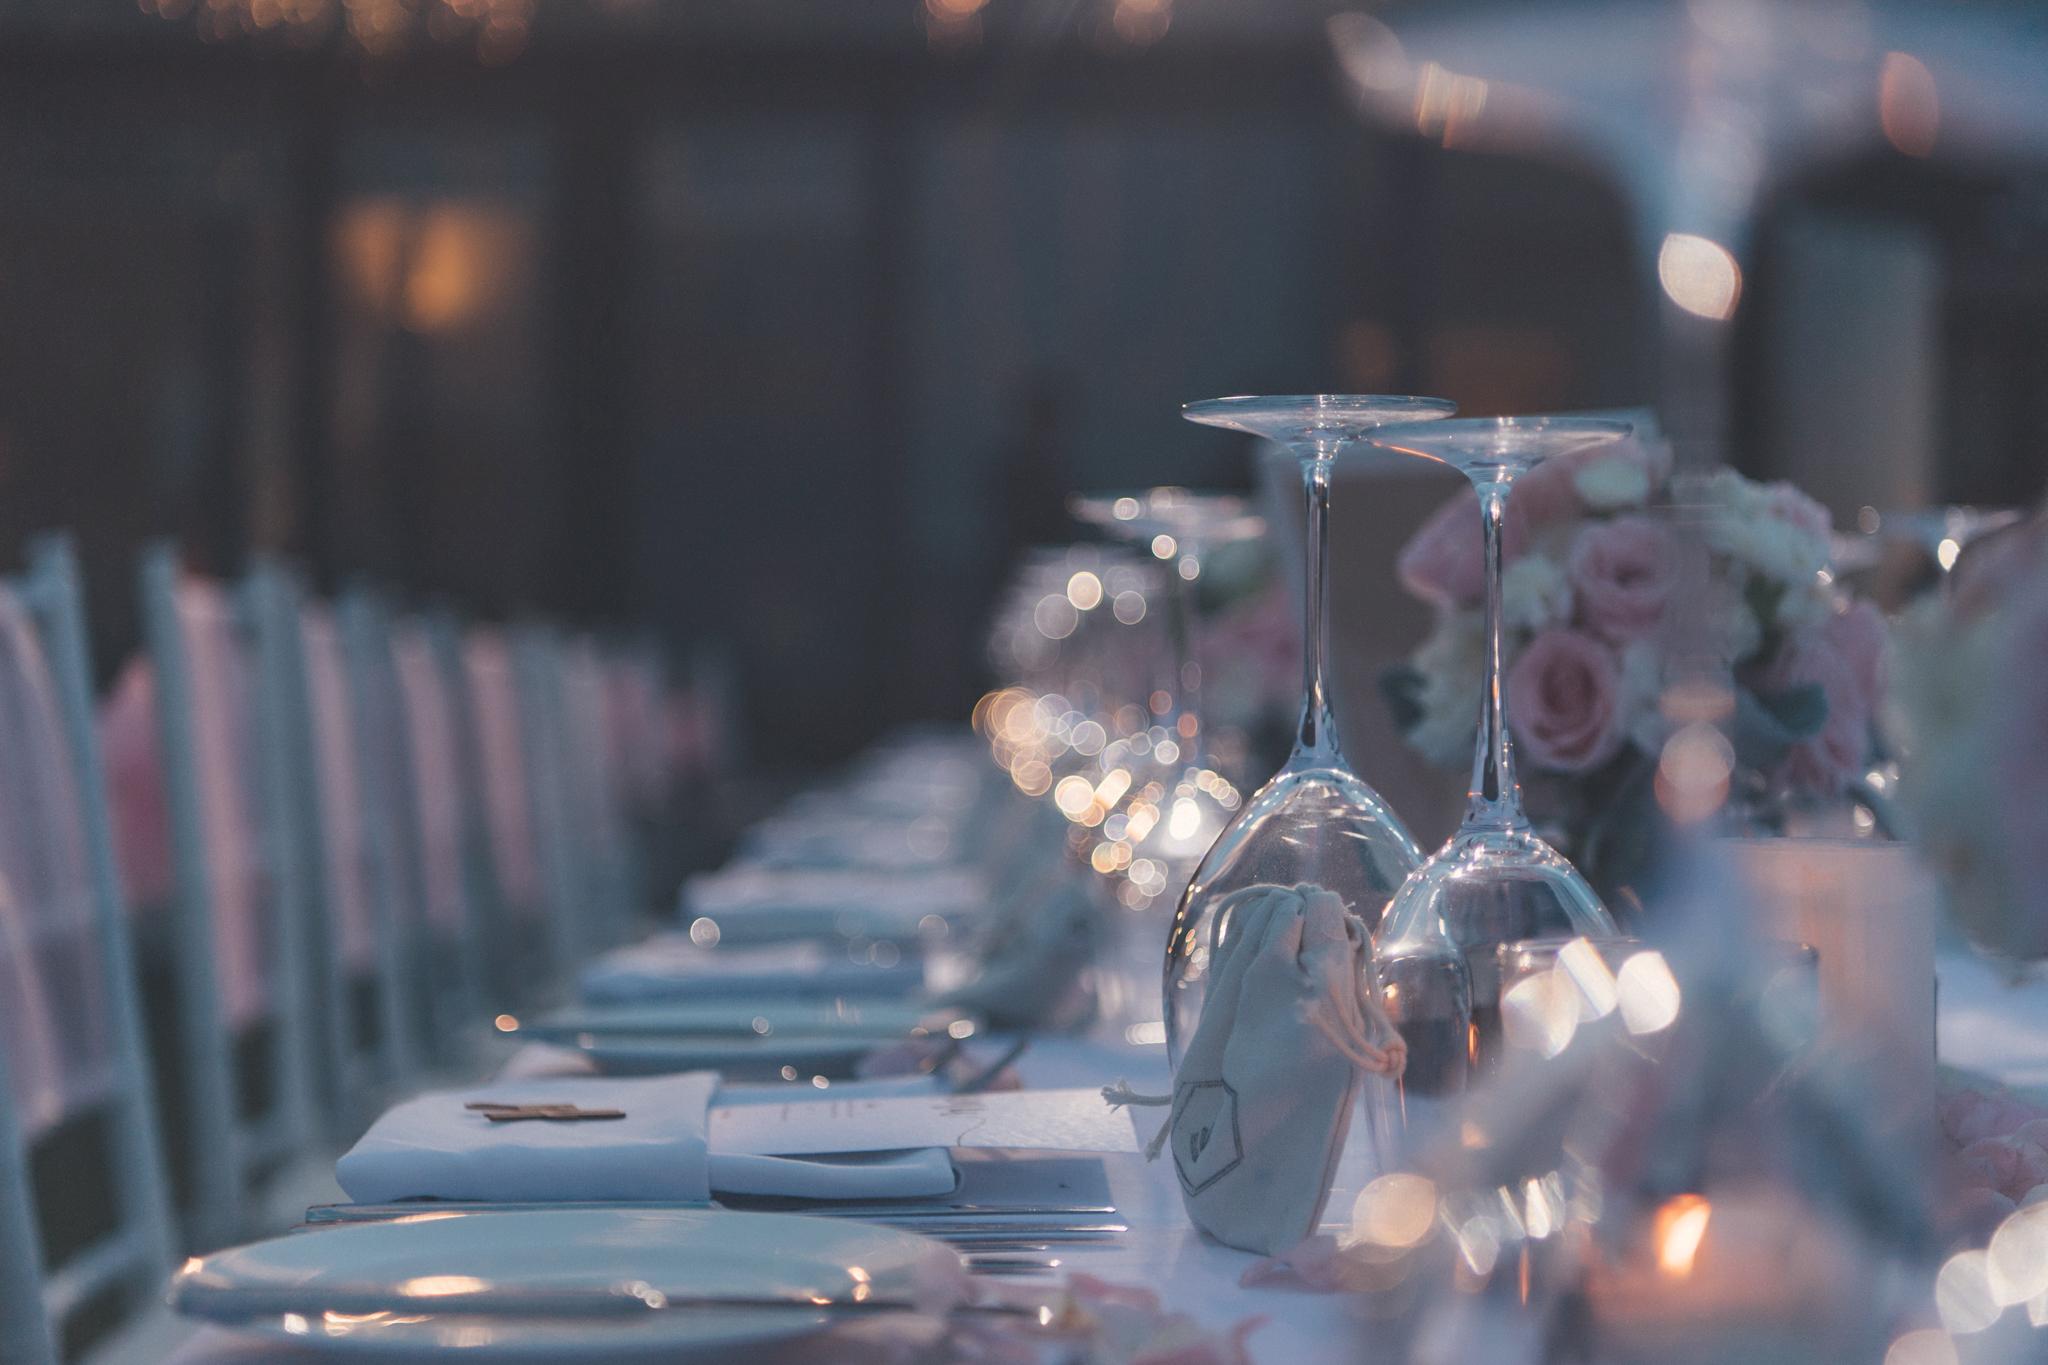 峇里島 婚禮, 海外婚禮, 婚禮紀錄, 婚攝東法, 雙攝影師, 藝術婚禮, Bali alila uluwatu, Donfer, Donfer Photography, EASTERN WEDDING, Wedding Day